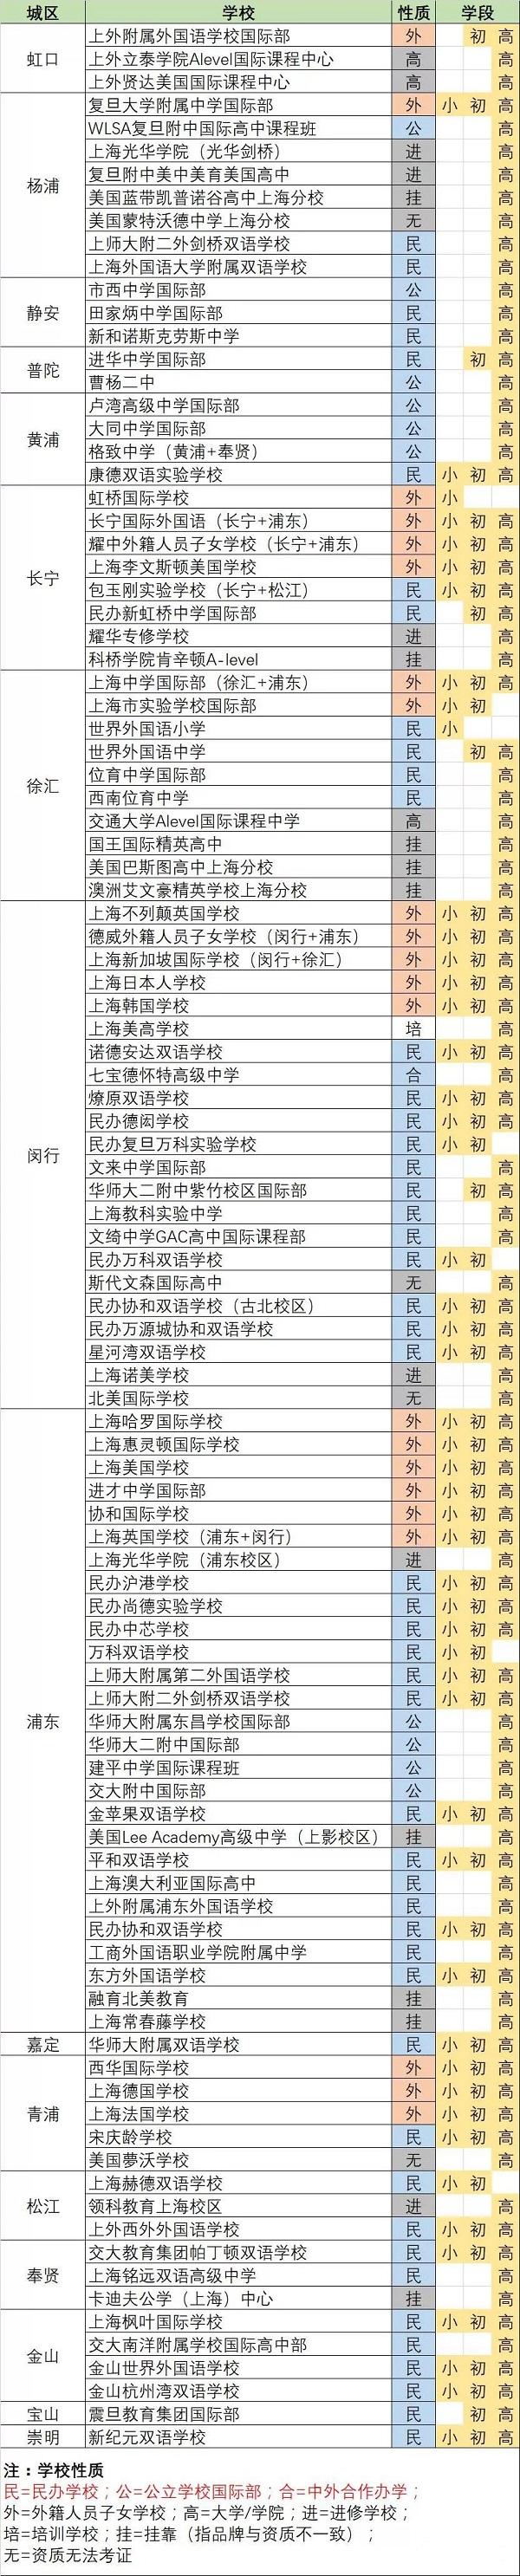 上海105所国际学校不分排名一览表